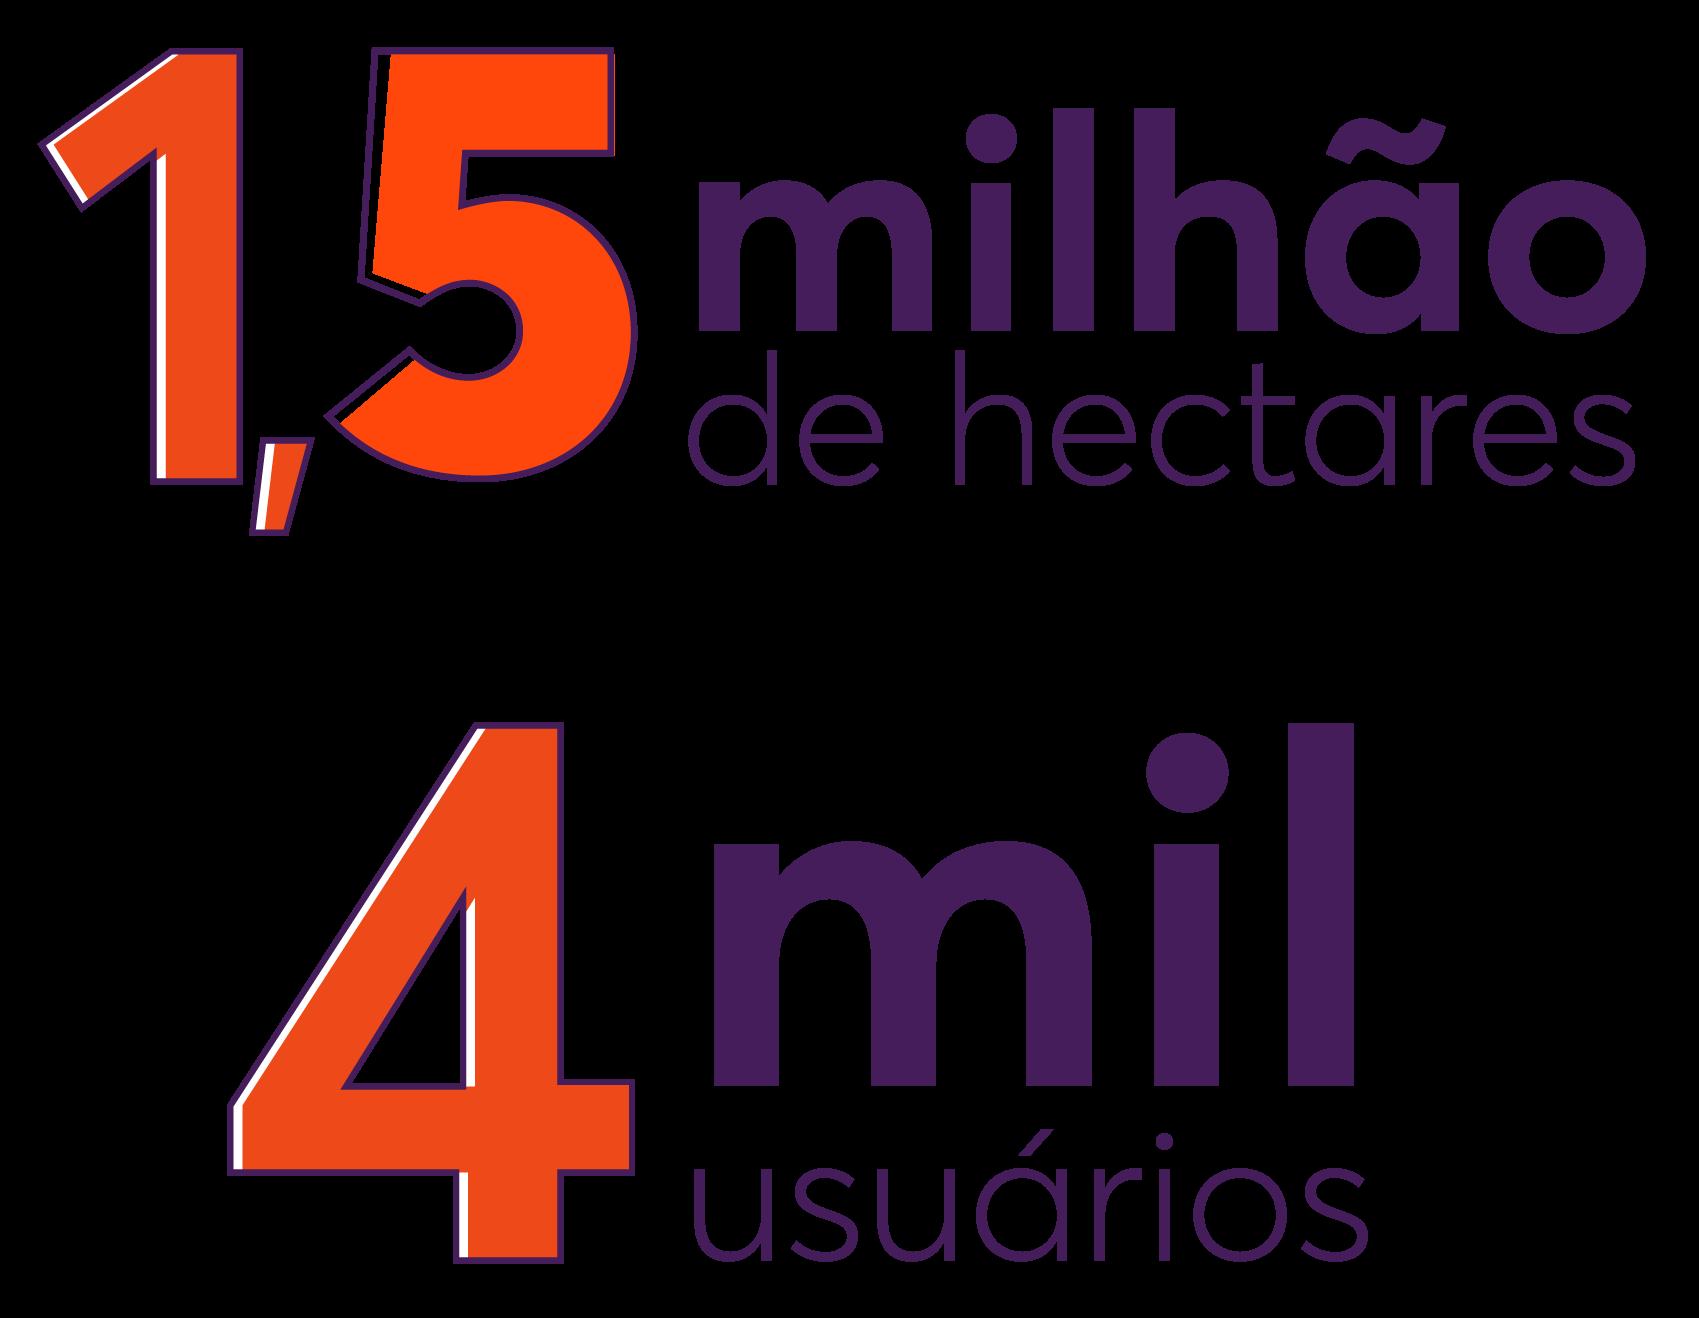 1,3 milhões de hectares e 4 mil hectares